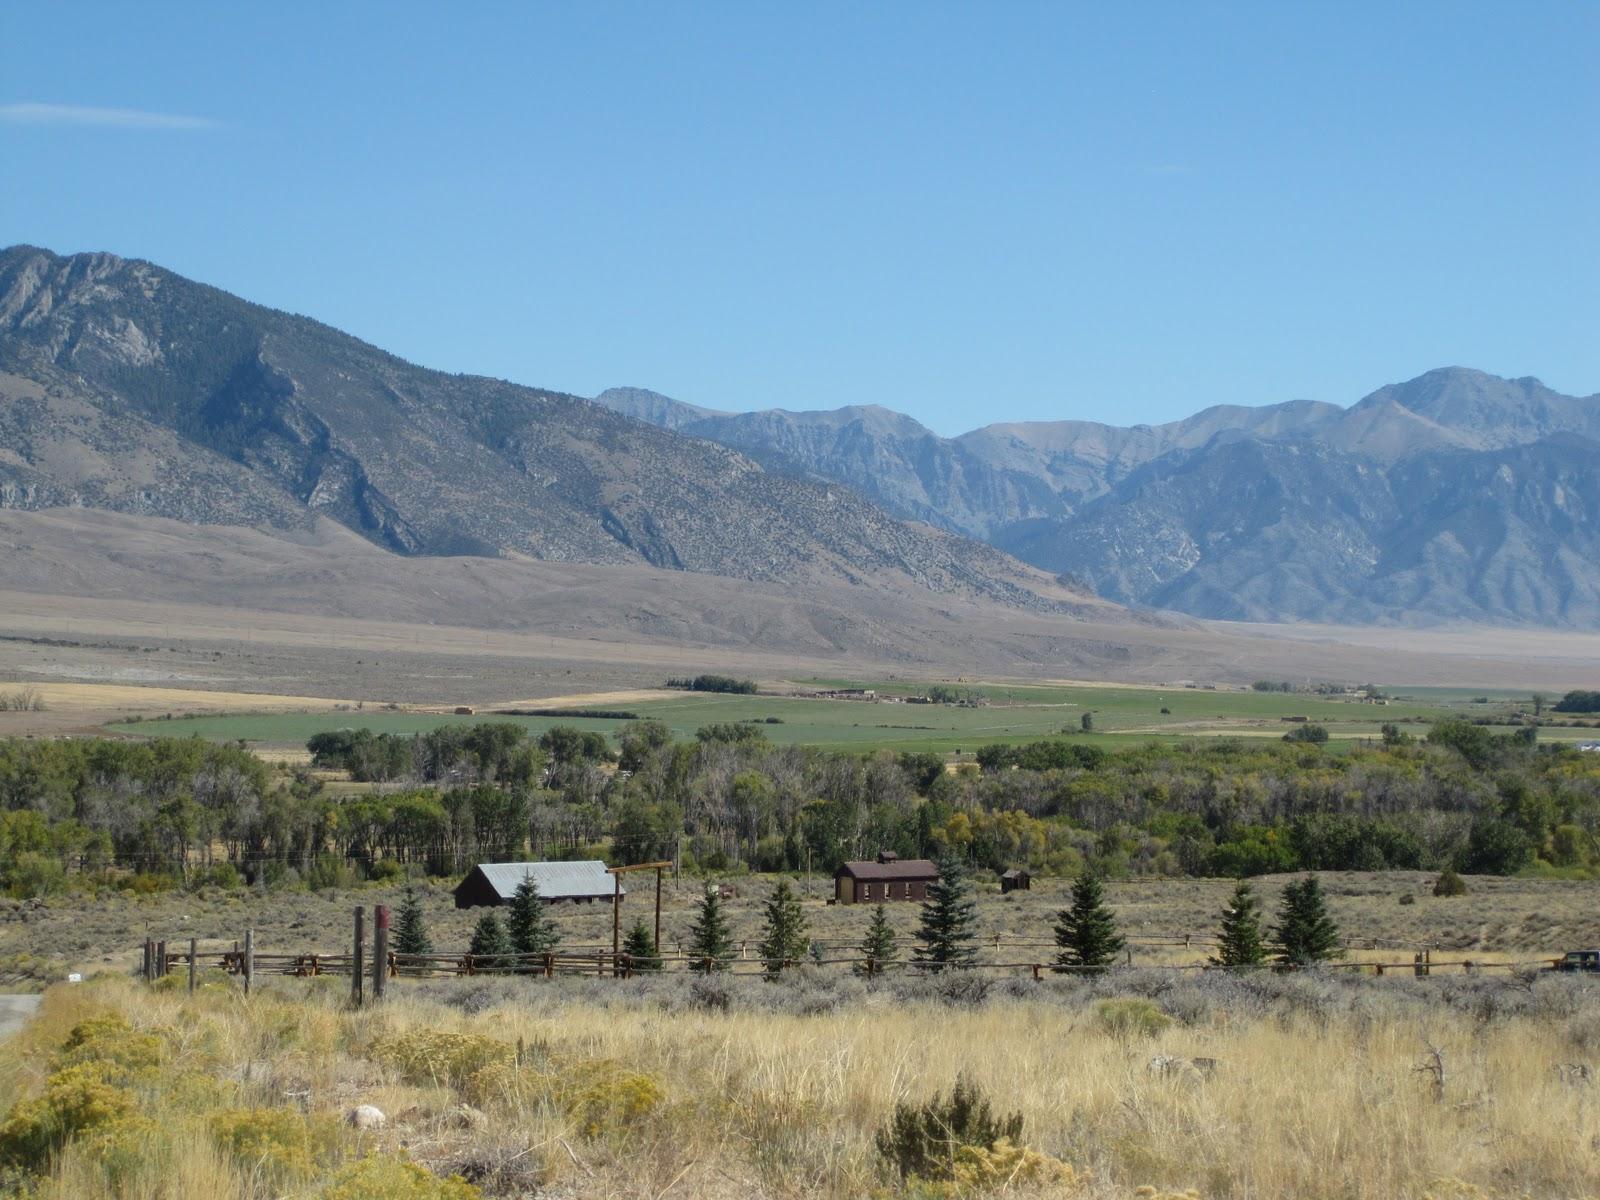 Mackay, Idaho 83251: September 2010